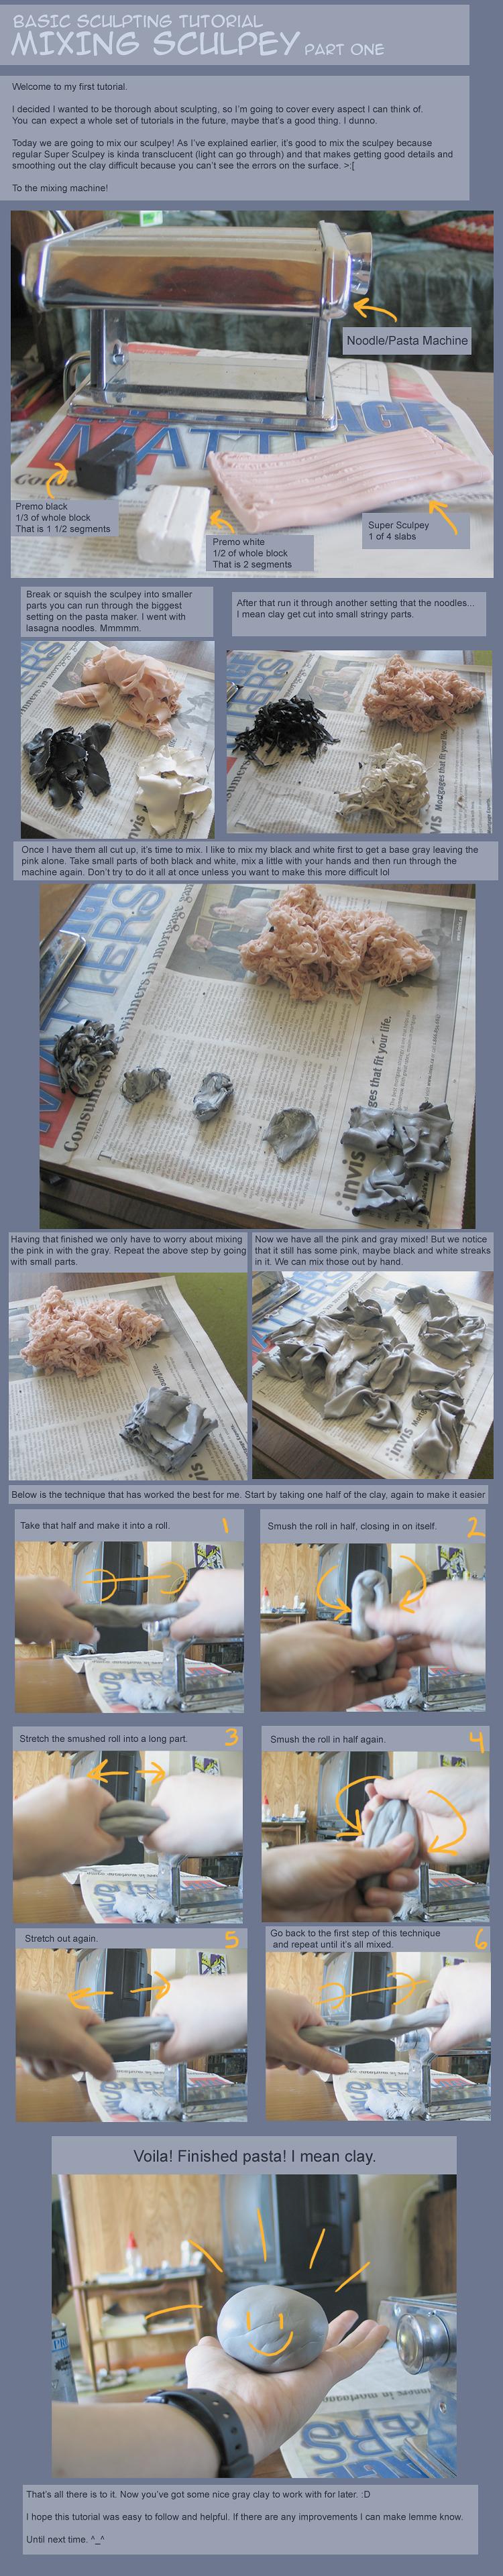 Les traigo un monton de tutoriales de escultura.